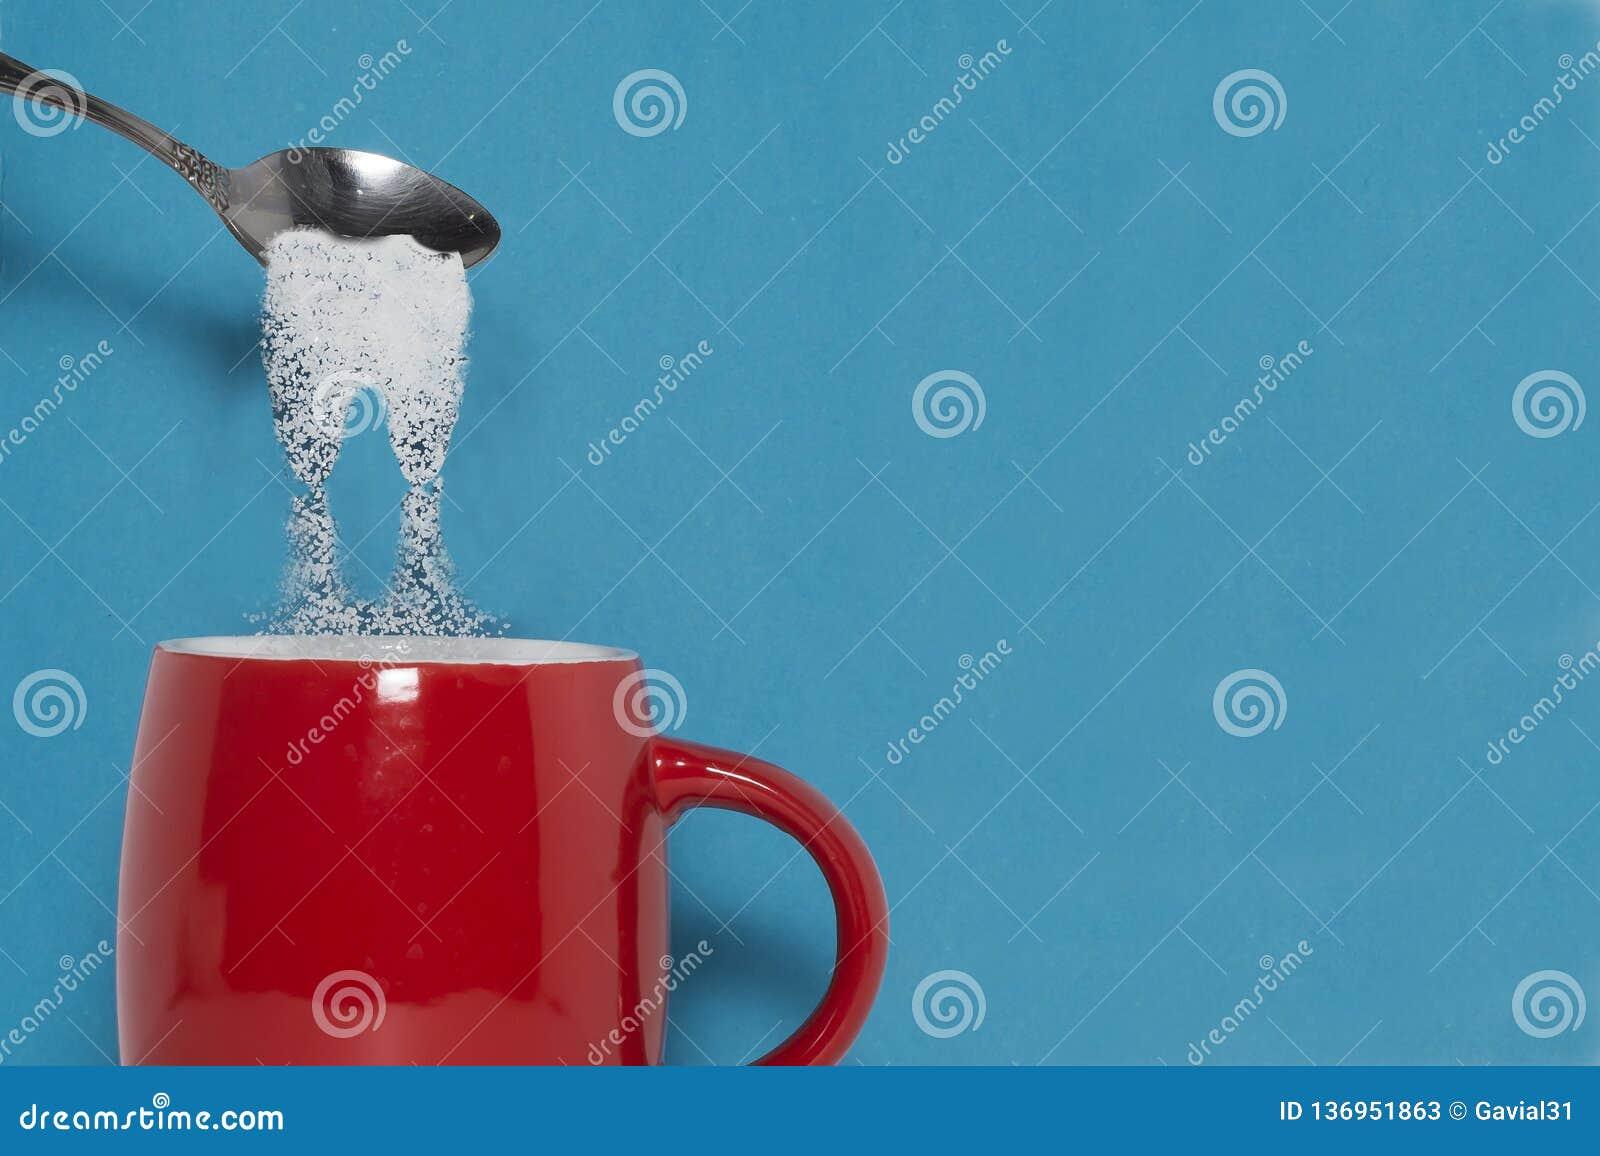 Il cucchiaino mette lo zucchero in una tazza Il concetto dei pericoli di eccessivo consumo di zucchero